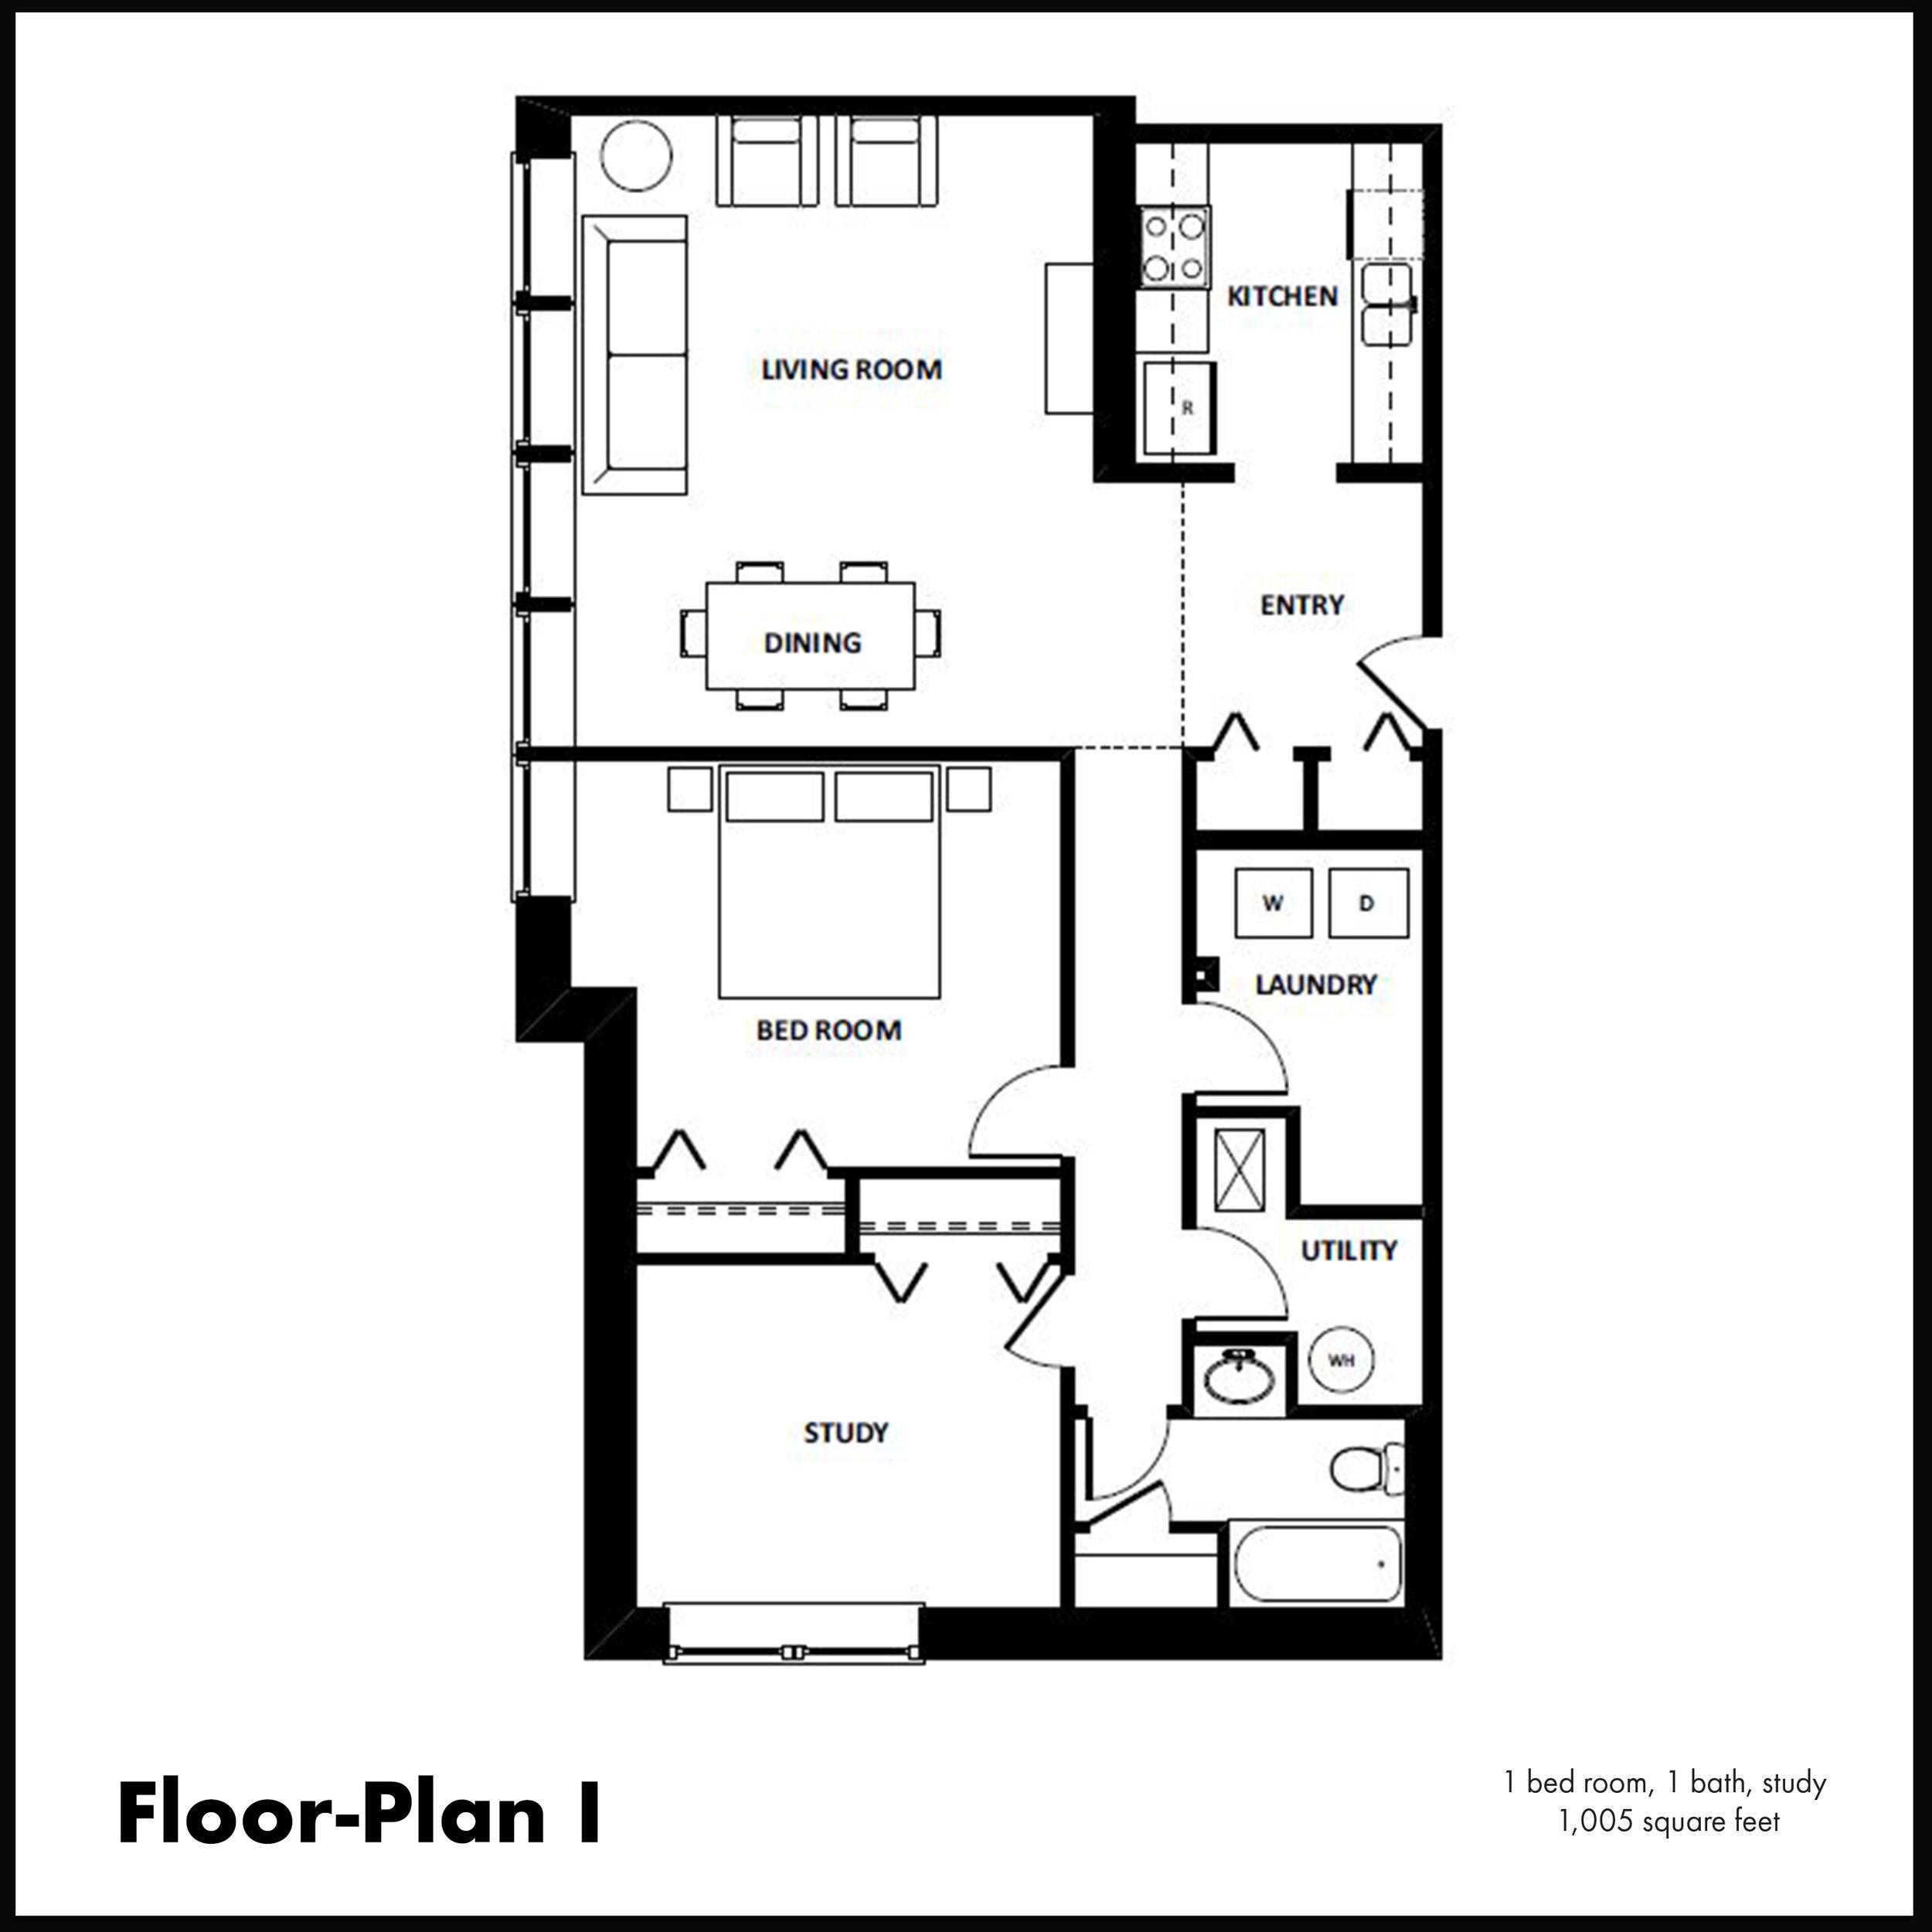 floor plan I.jpg